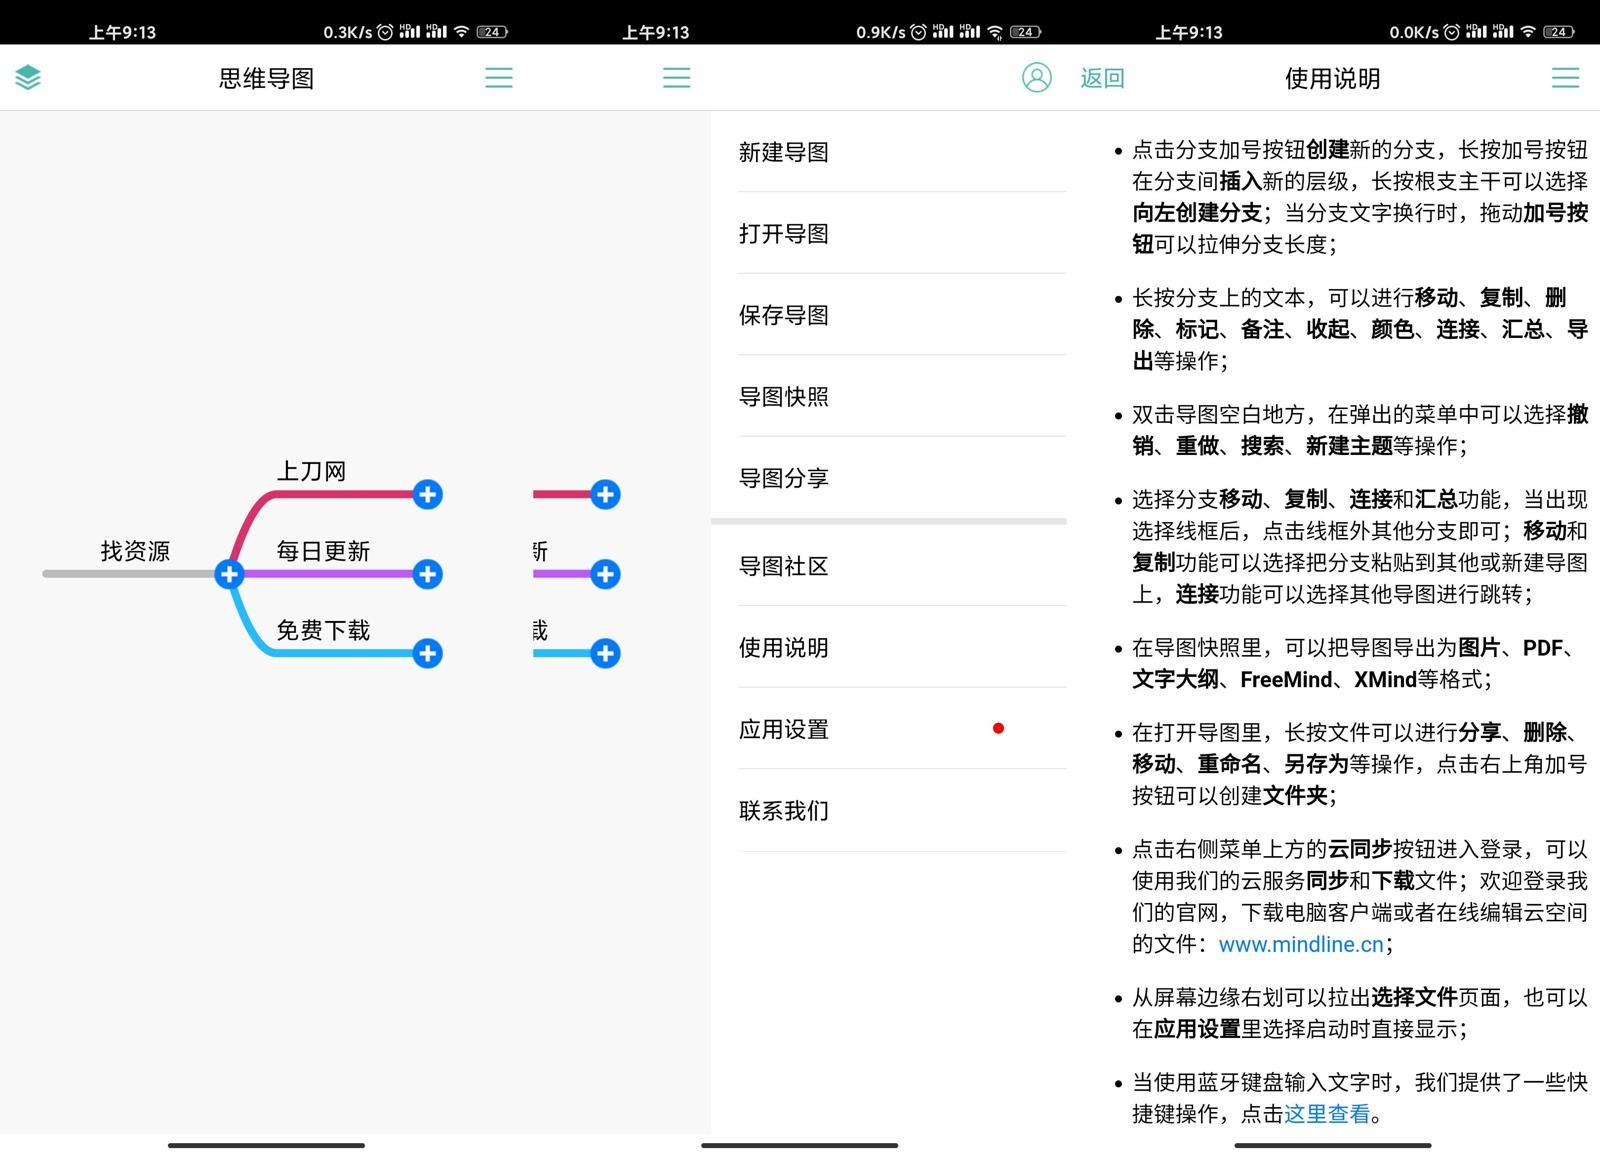 安卓思维导图v8.7.3专业版-云奇网